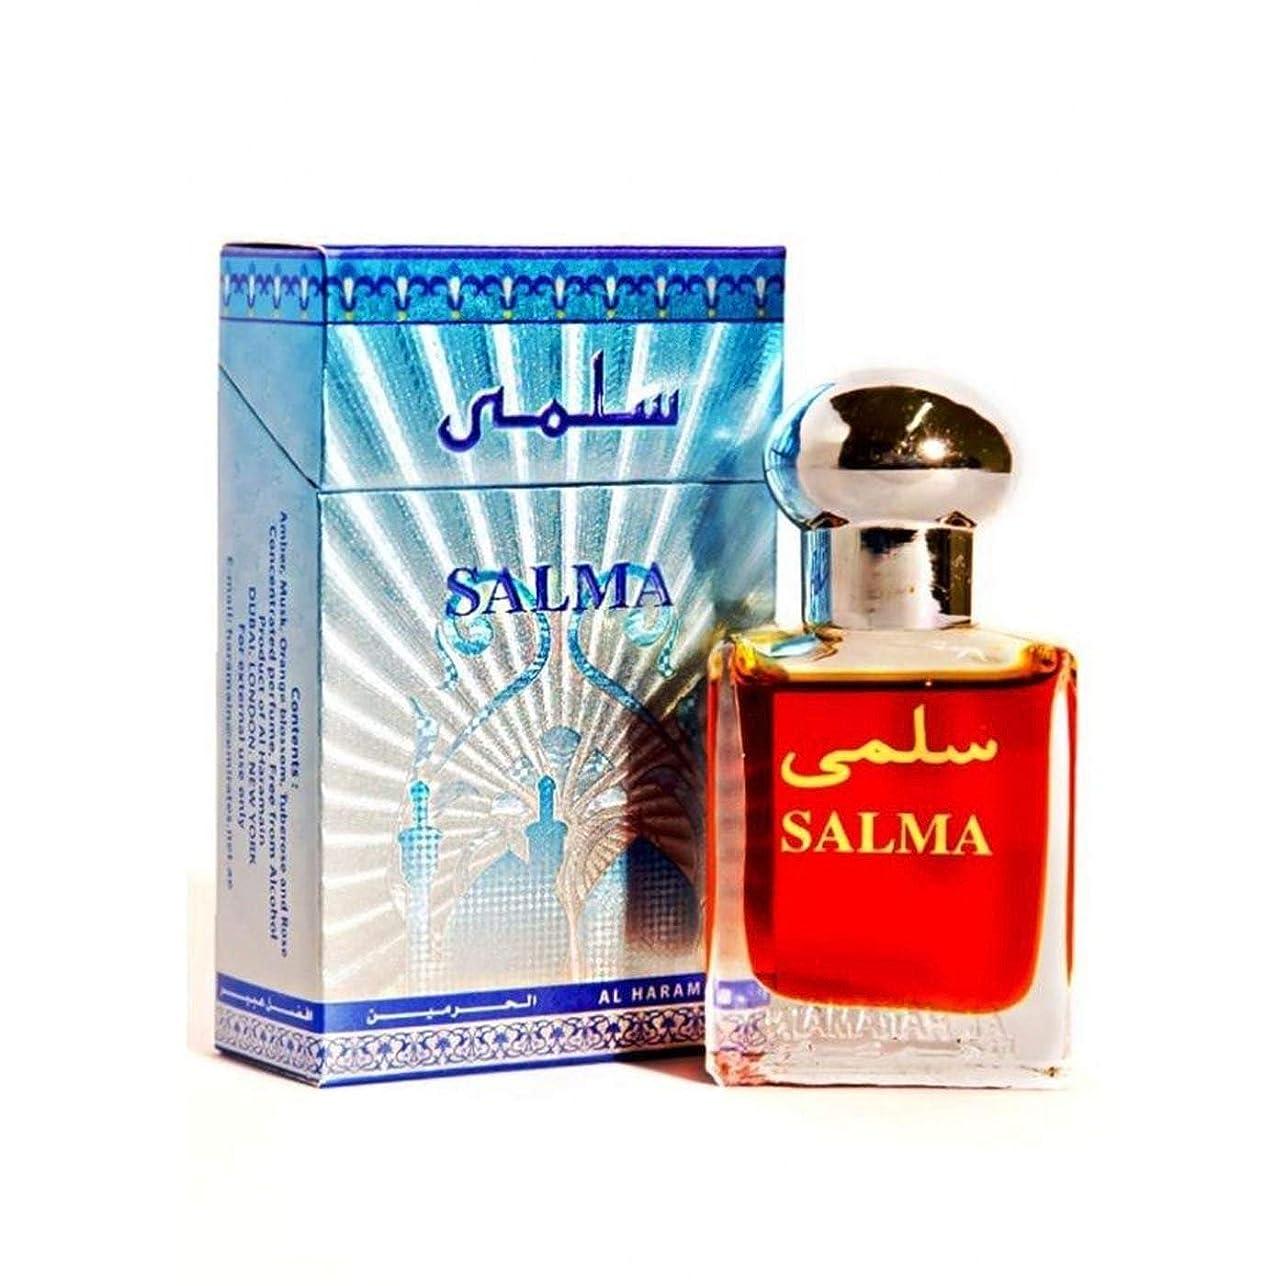 死の顎まで送ったサルマ?15ミリリットル アターITRA最高品質の香水はアターを持続長いスプレー